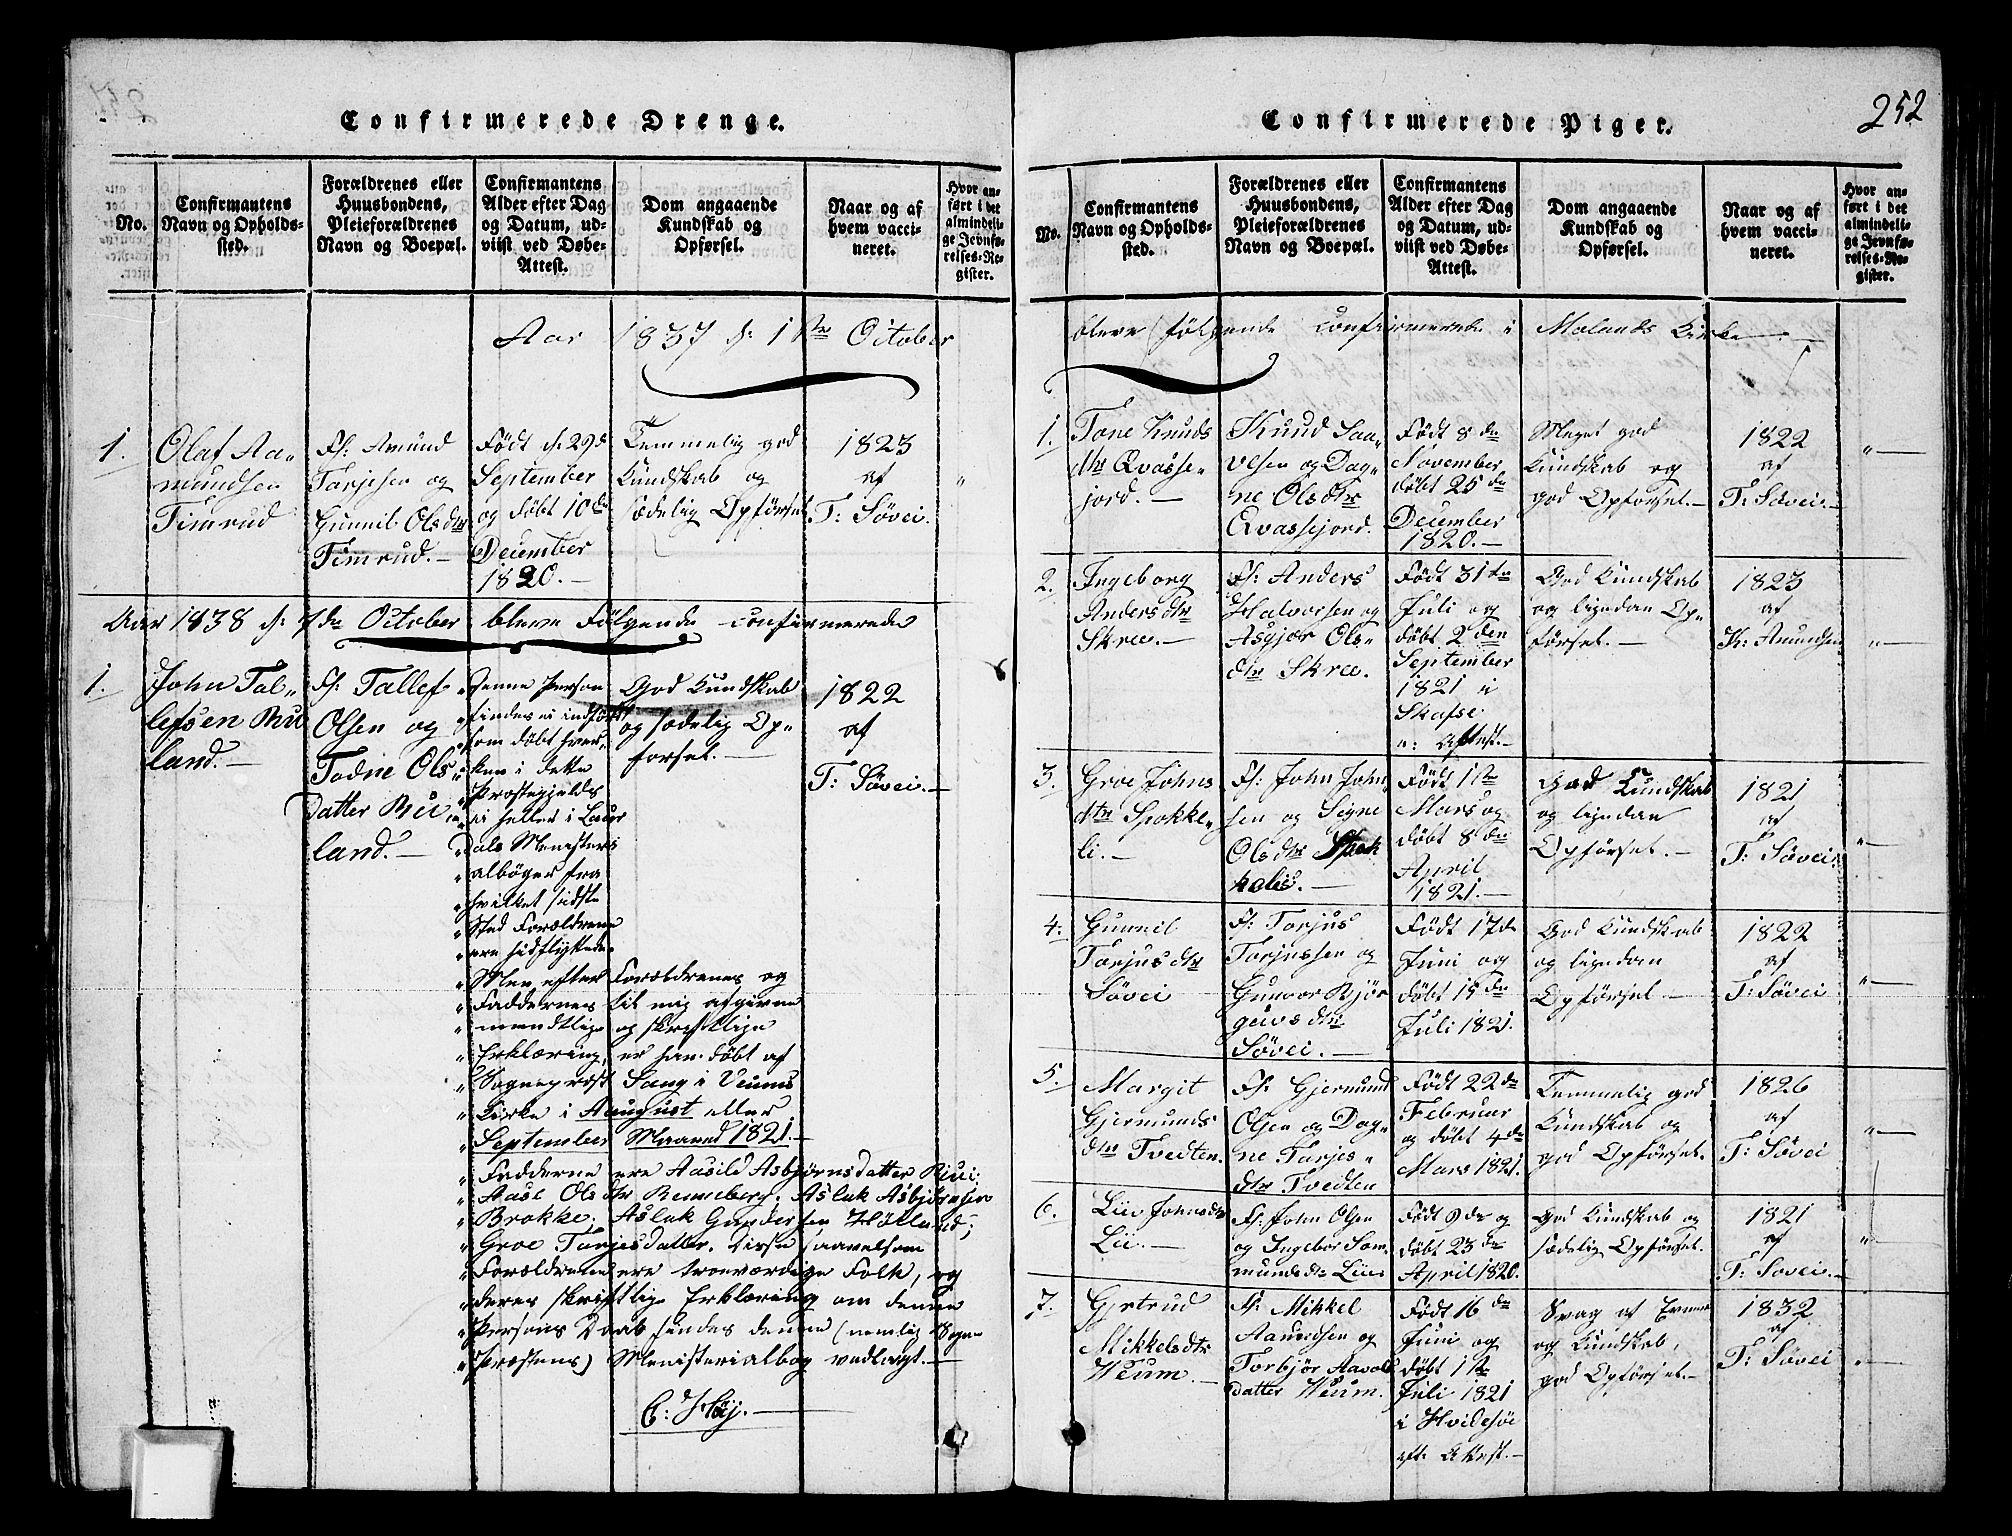 SAKO, Fyresdal kirkebøker, G/Ga/L0003: Klokkerbok nr. I 3, 1815-1863, s. 252